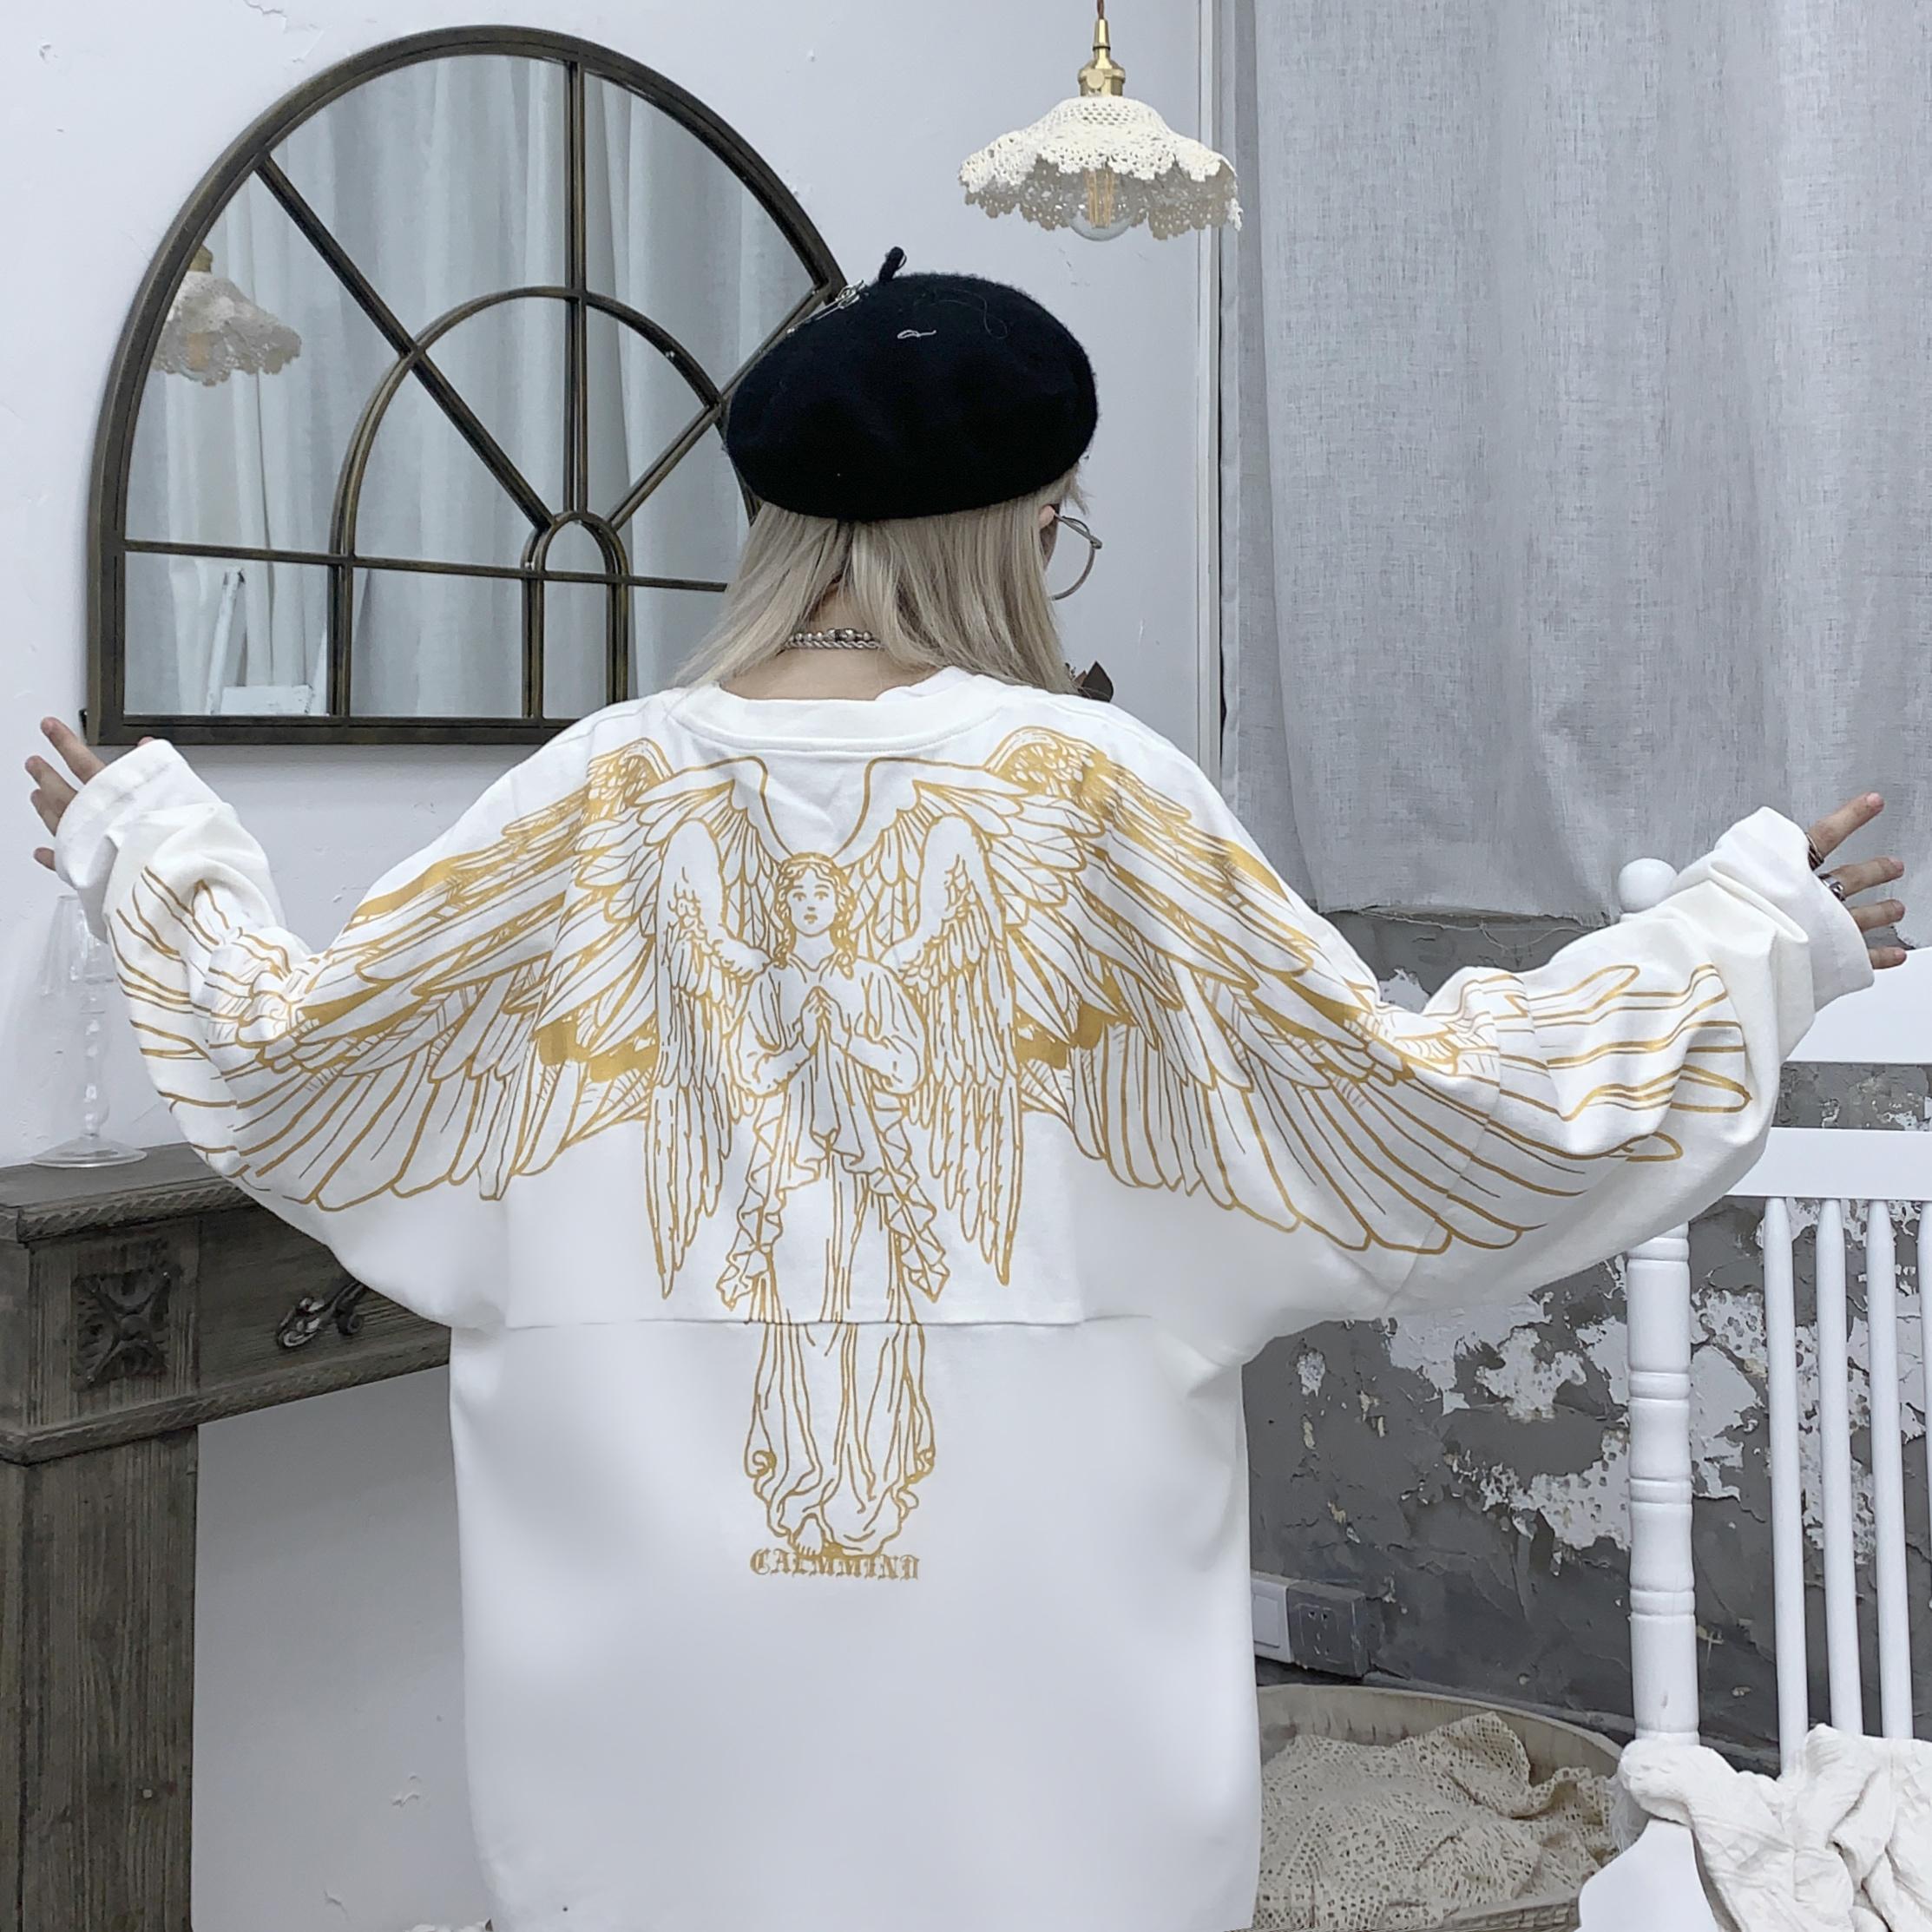 男士长袖卫衣 Calmmind 圣母天使翅膀长袖男女宽松祈祷手套头印花落肩卫衣_推荐淘宝好看的男长袖卫衣